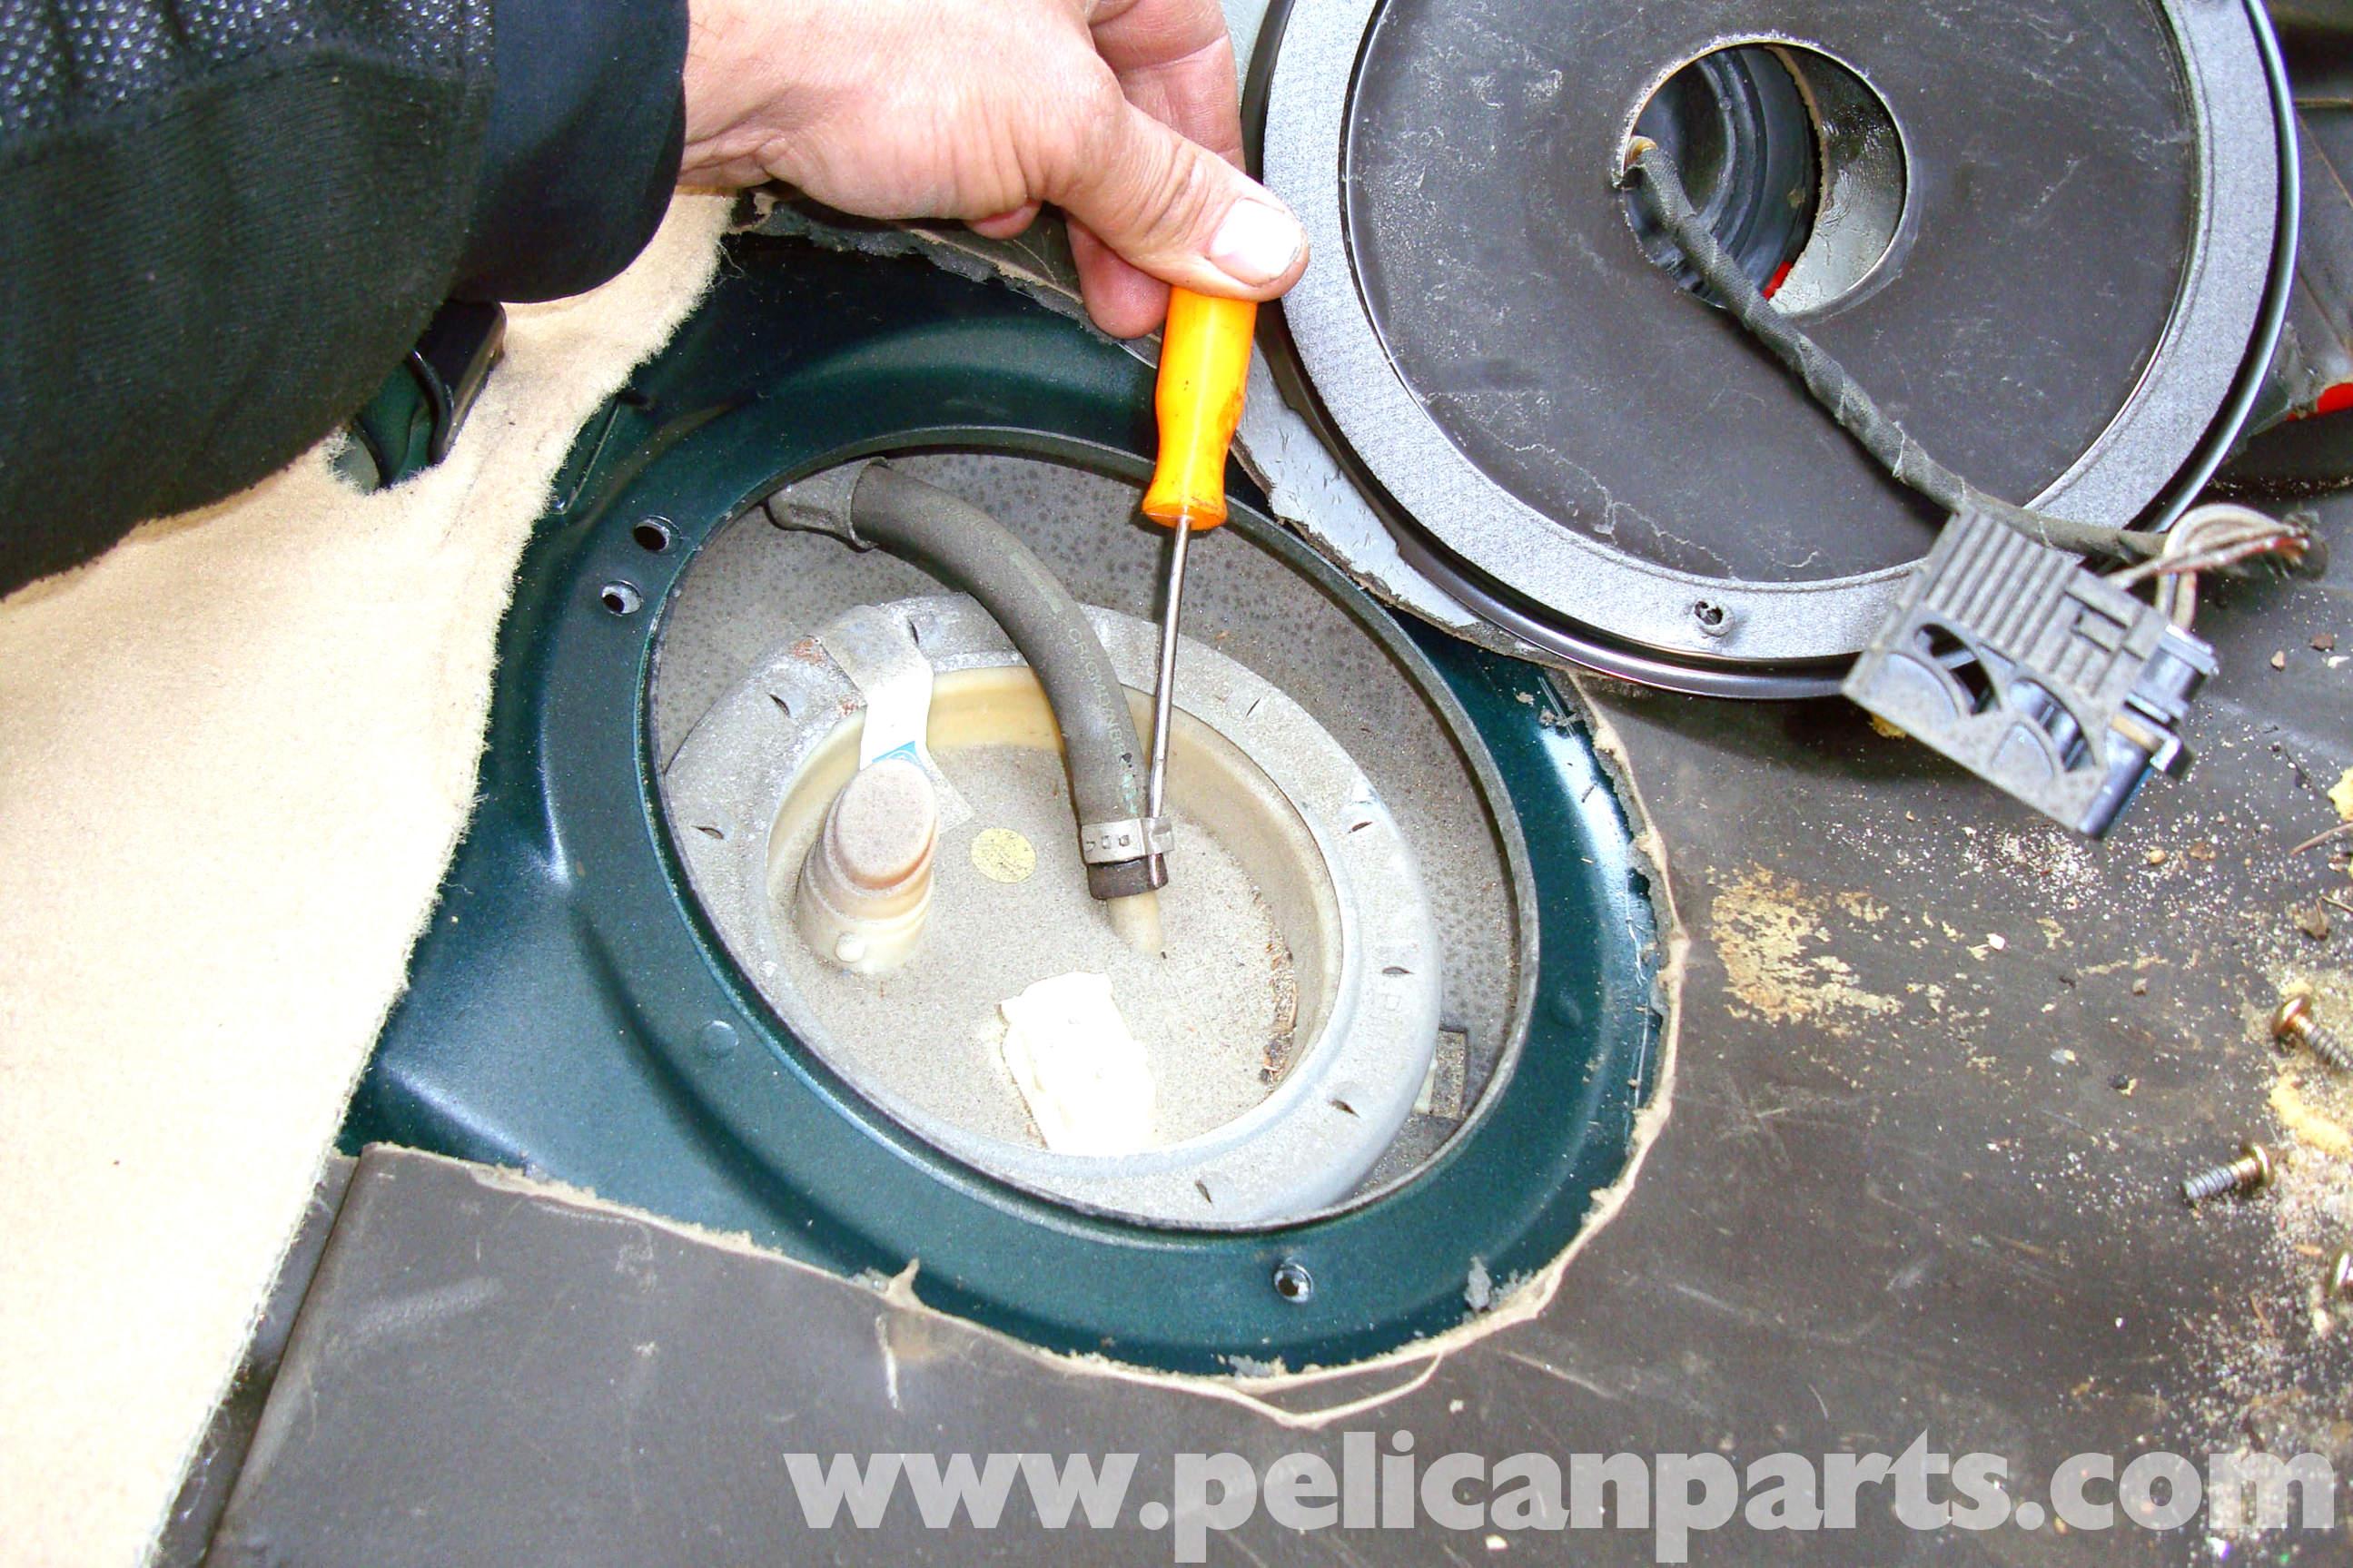 bmw e39 5 series fuel pump sender removal 1997 2003 525i. Black Bedroom Furniture Sets. Home Design Ideas